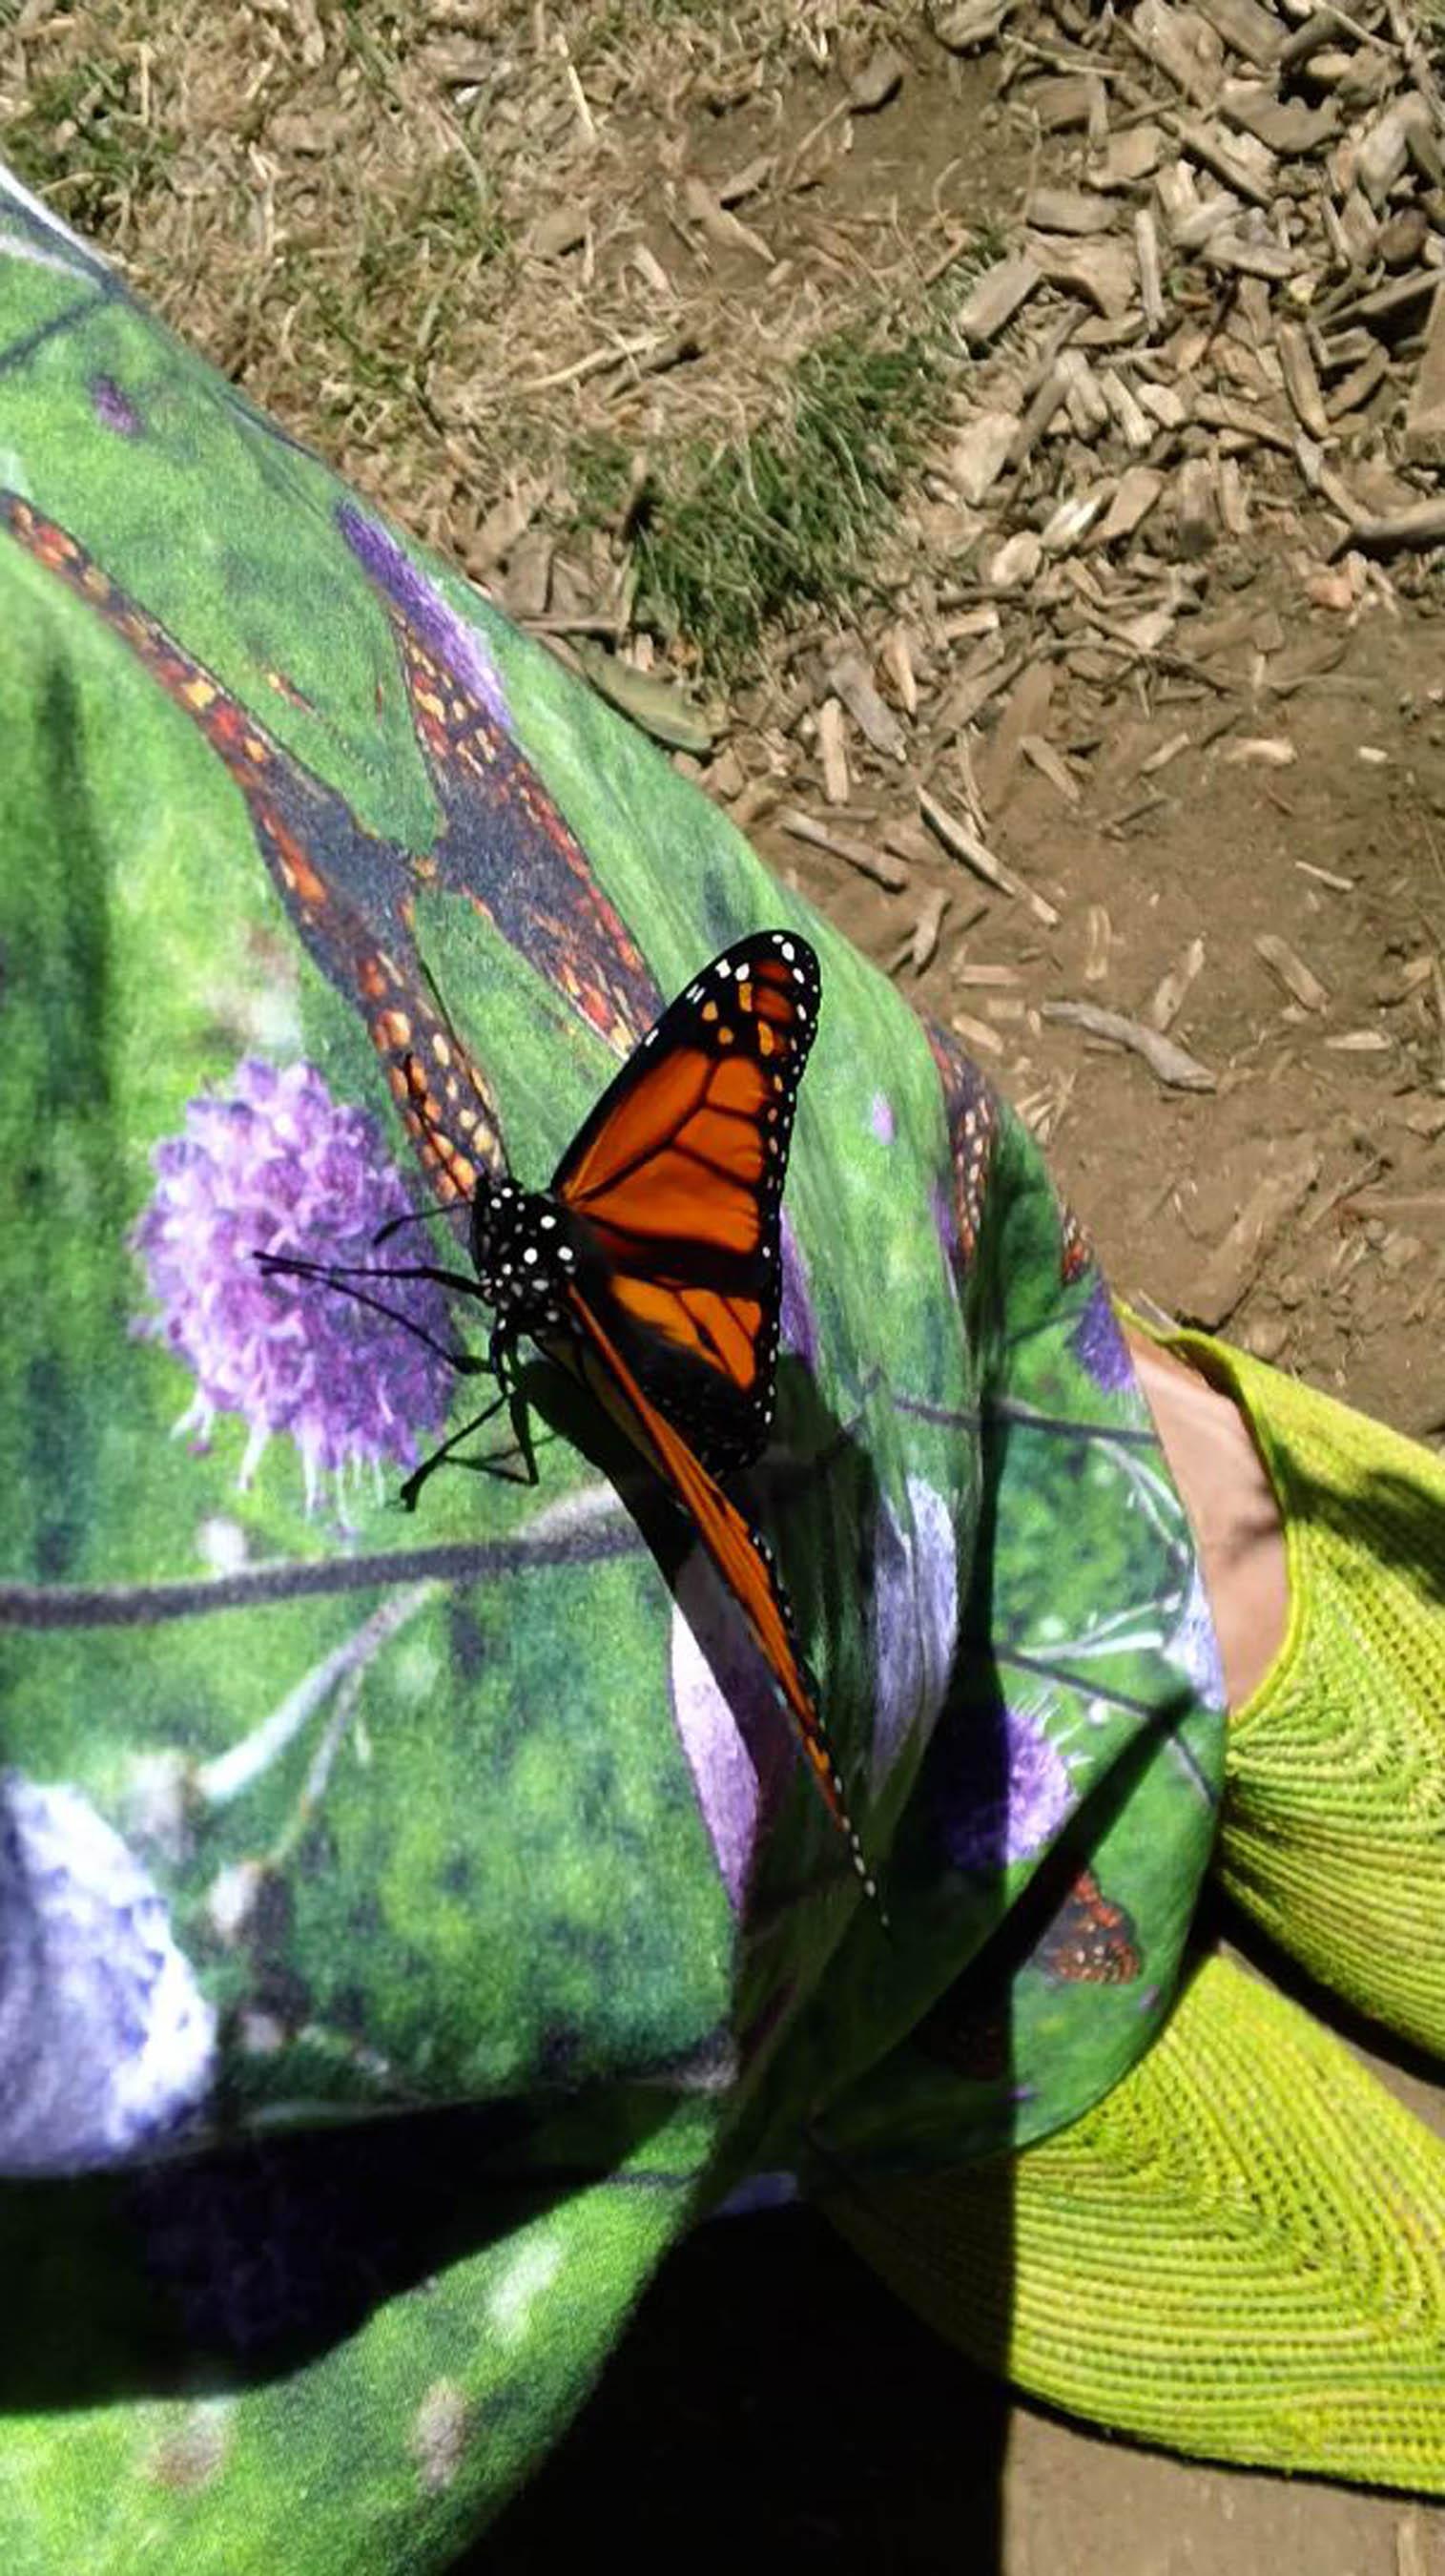 Ingham-Monarch Butterfly on Pollinator Frock .jpeg